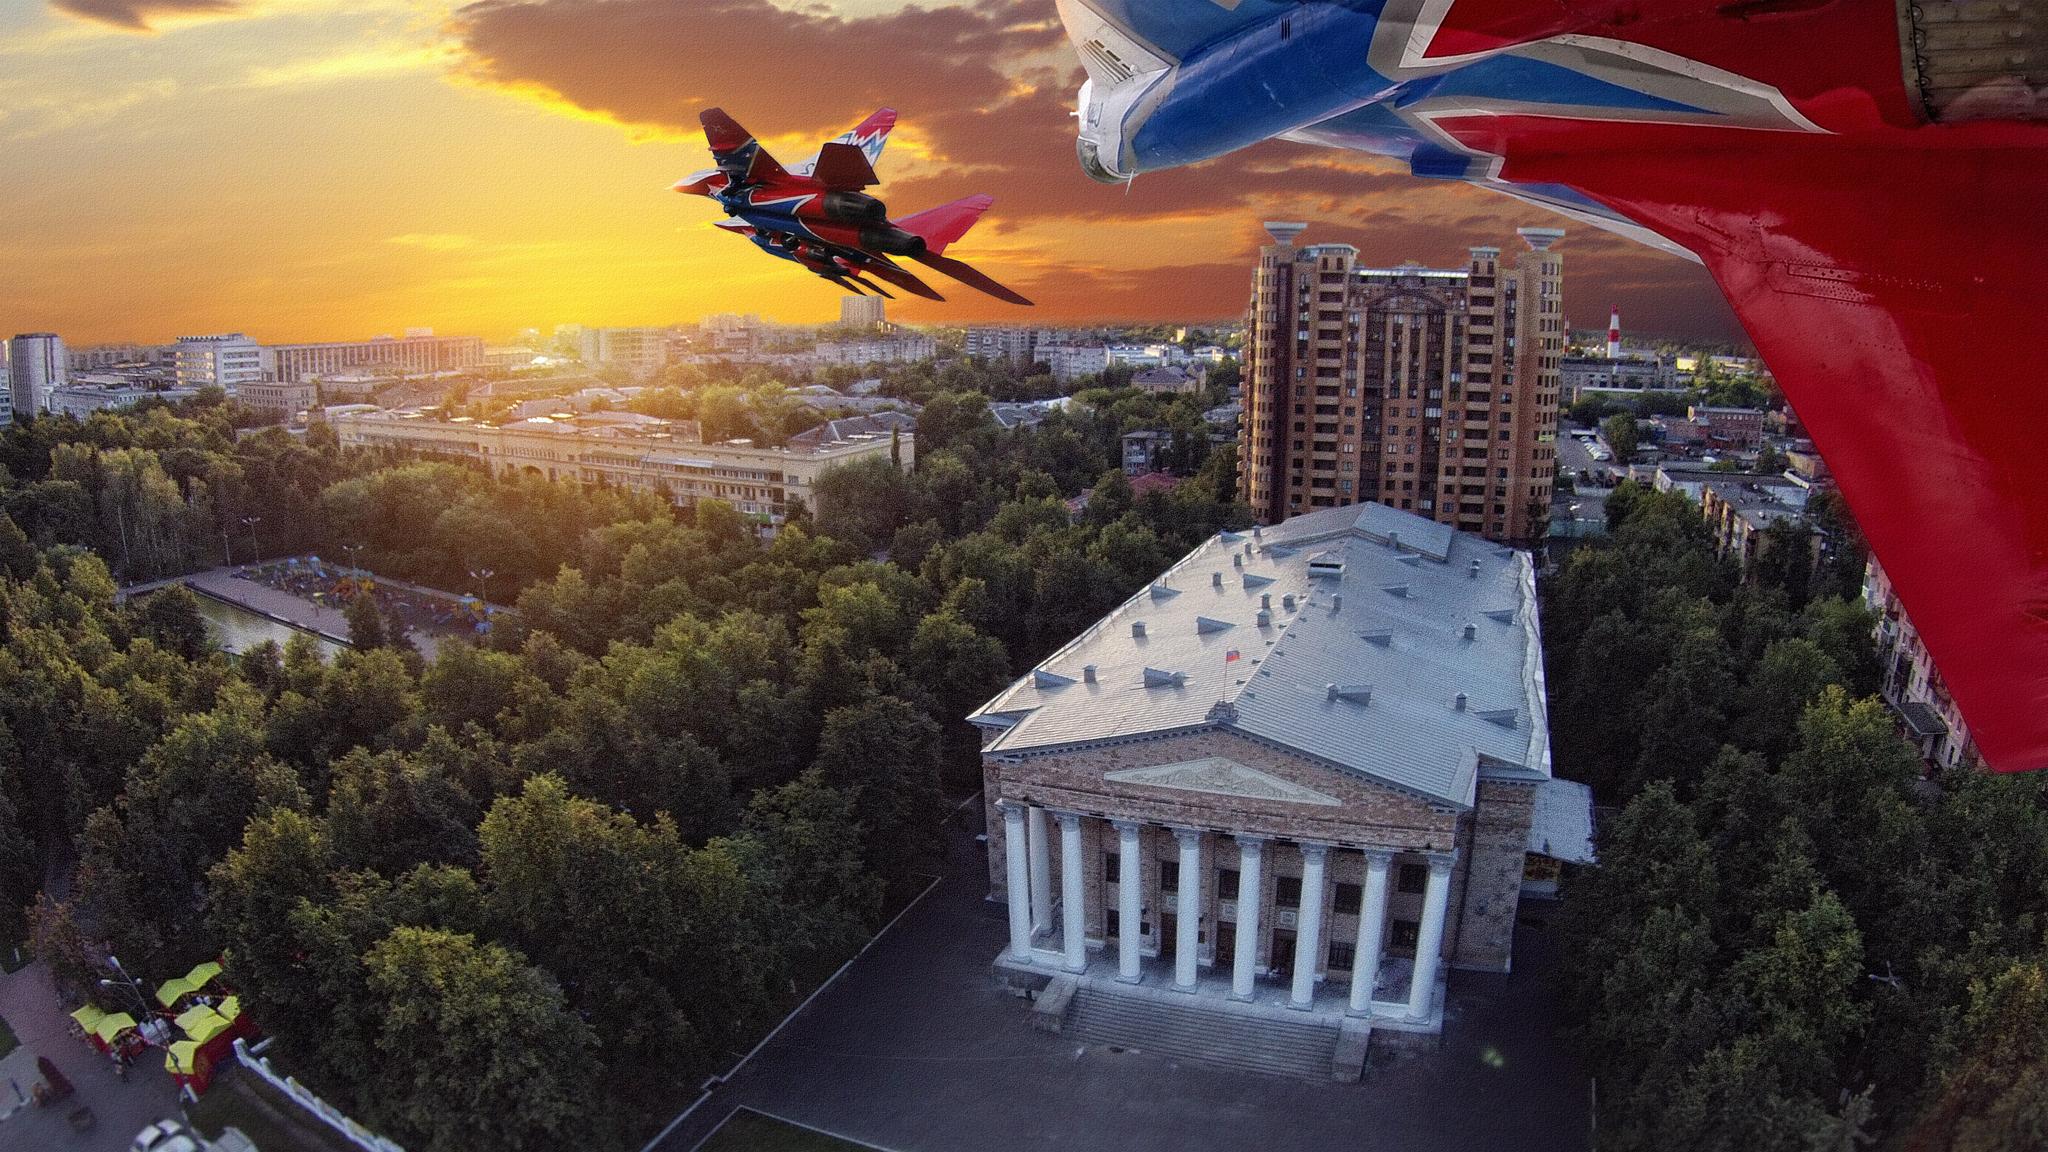 В Московской области проведен 10-й общеобластной день открытых дверей управляющих компаний